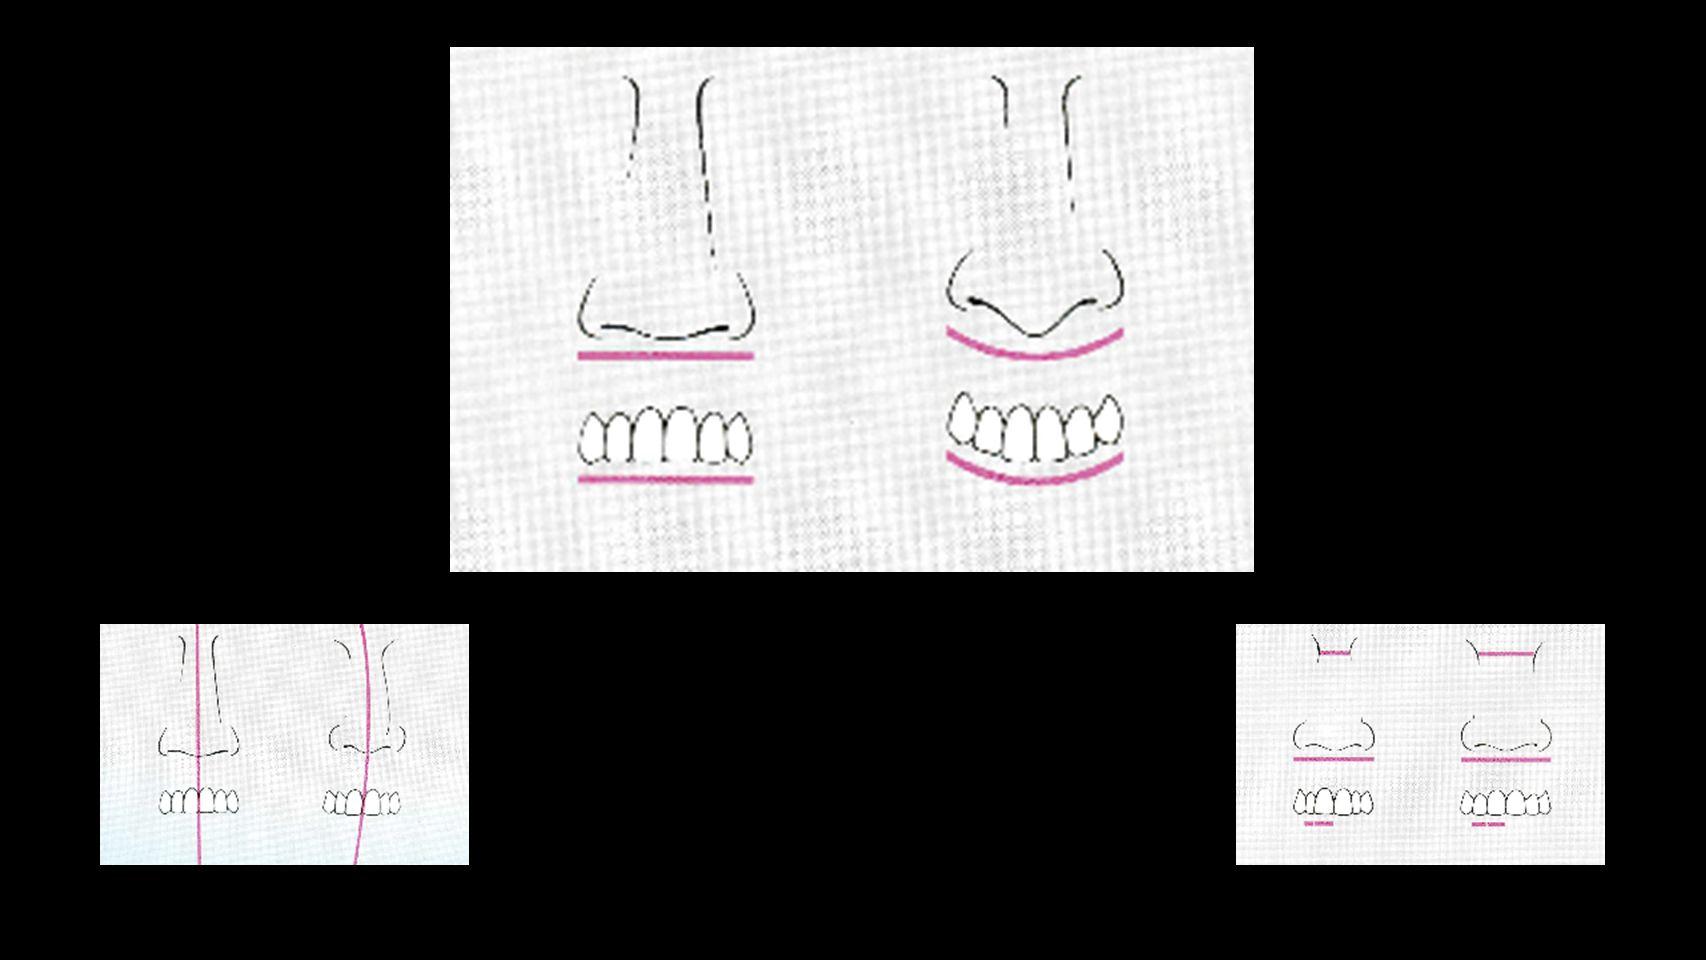 Los materiales usados en la fabricación de los dientes artificiales, son primordialmente: Porcelana Resinas acrílicas Resinas Compuestas Material de los Dientes Artificiales